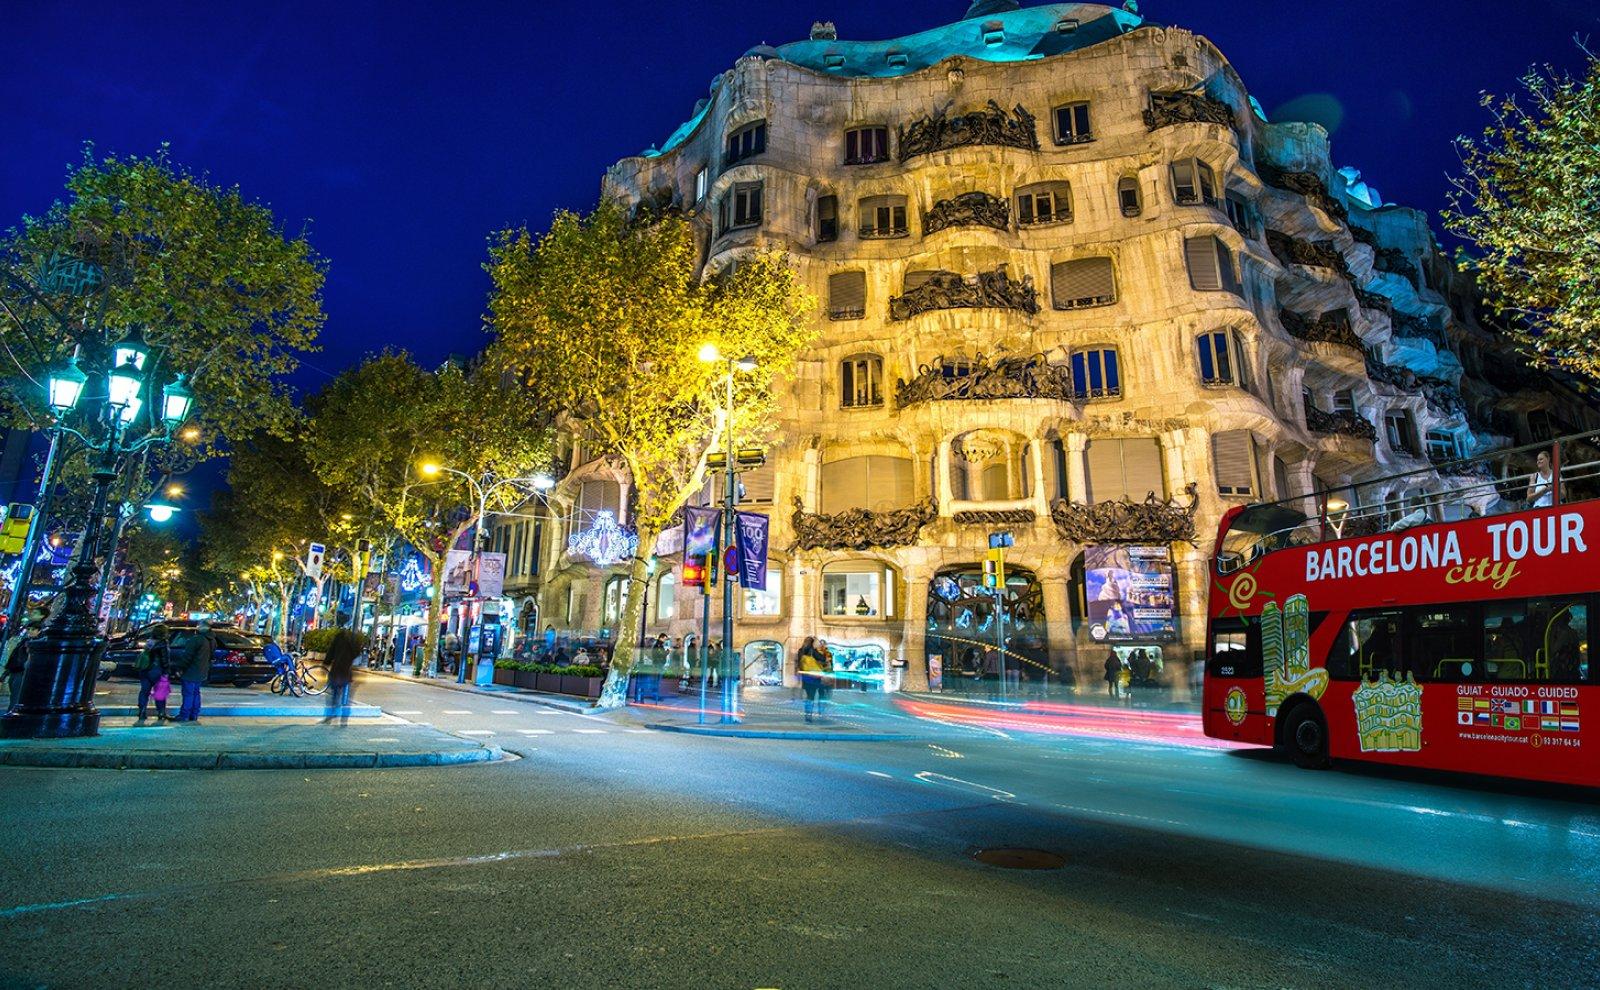 barcelona-city-tour-1600x900px-1600x990